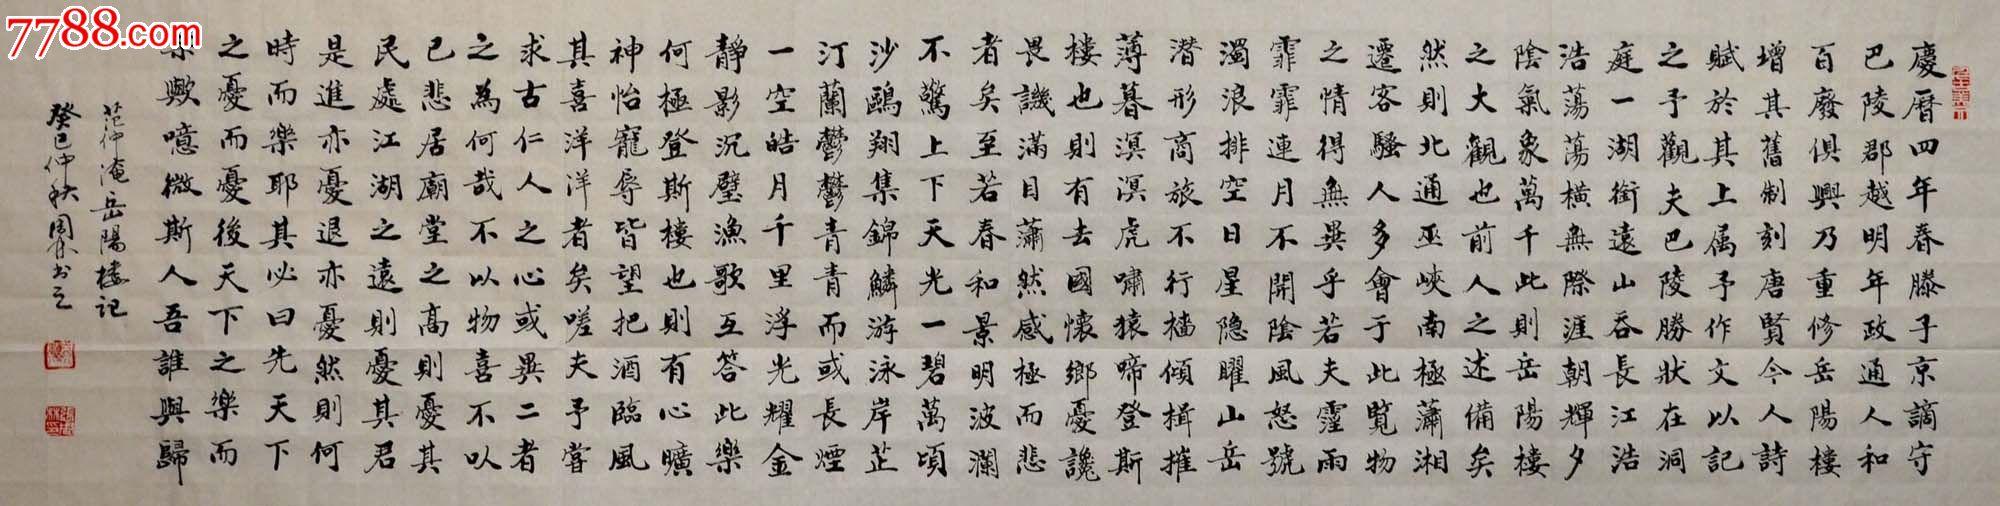 金奖老书法家张周林书法作品定制-楷书.岳阳楼记图片